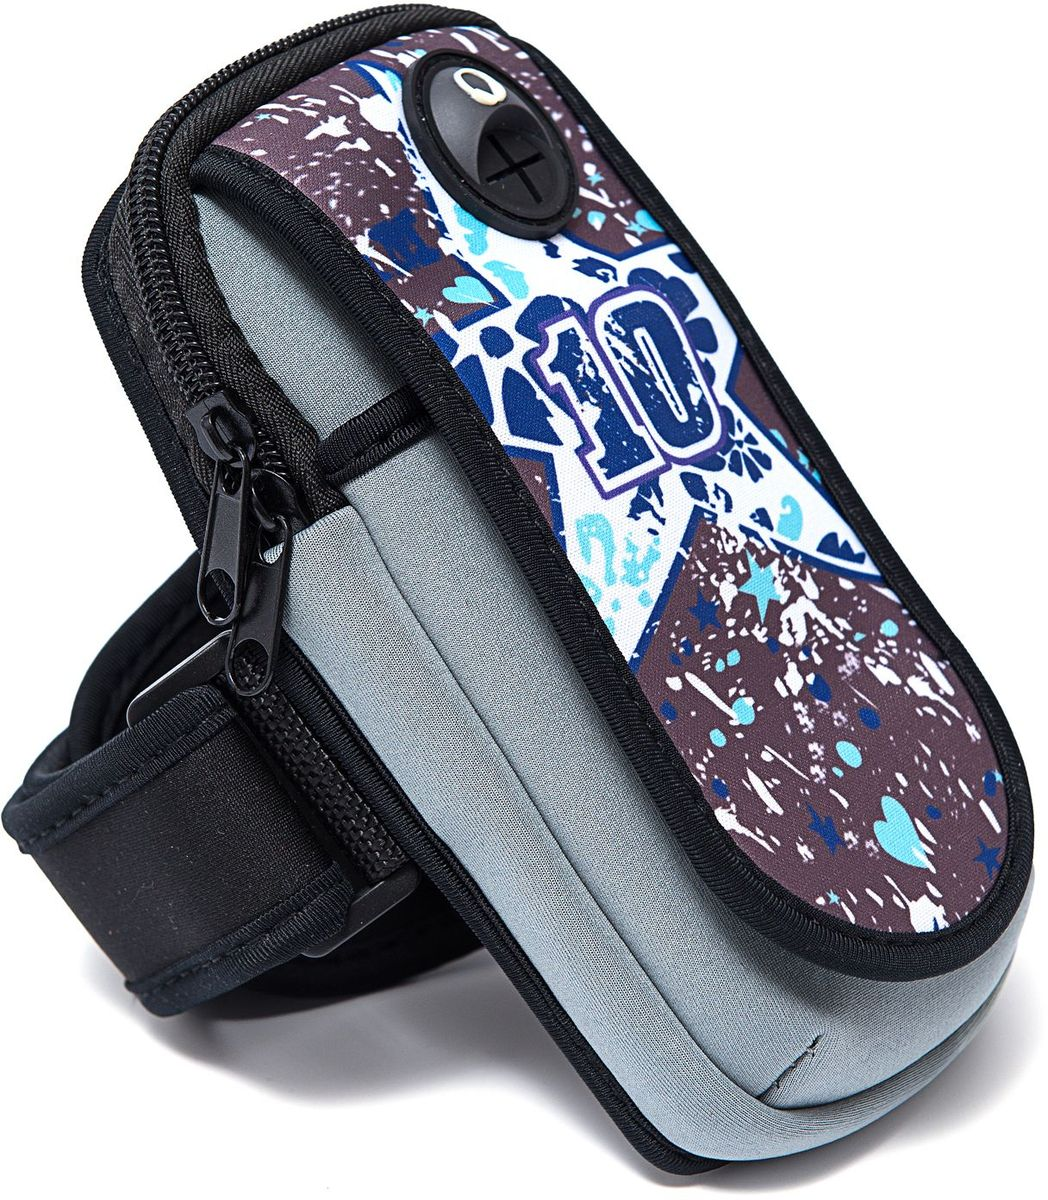 Органайзер  Homsu , цвет: серый, синий, коричневый, 18,5 х 9,5 х 4 см - Несессеры и кошельки